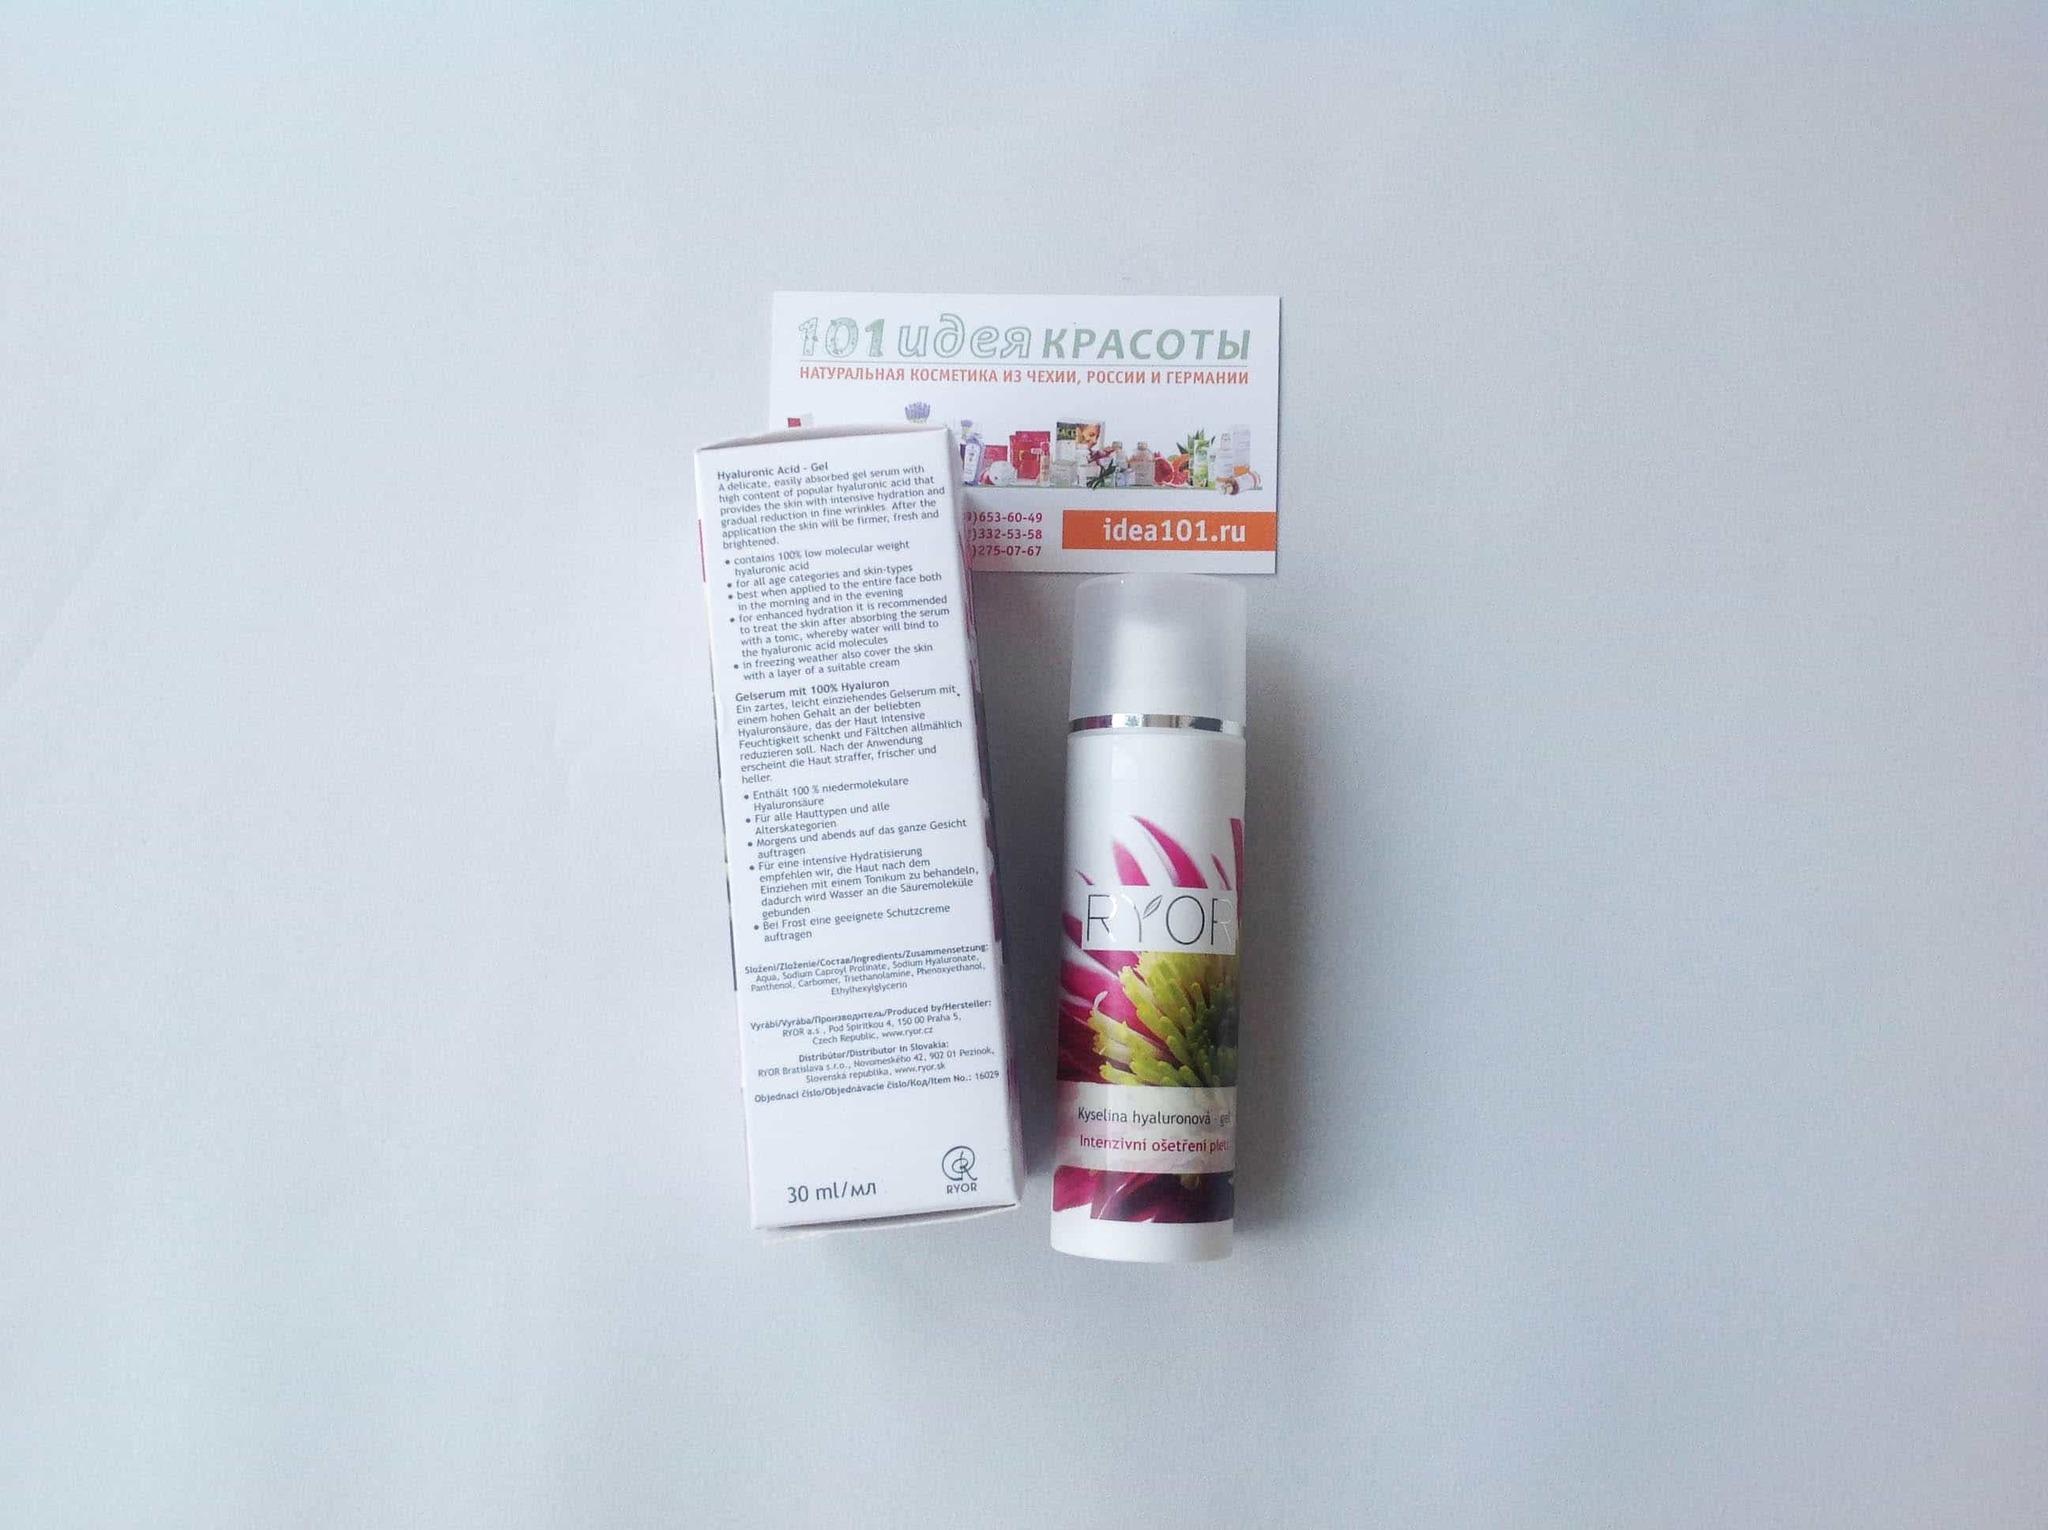 Ryor Гель-сыворотка с высоким содержанием гиалуроновой кислоты, 50мл